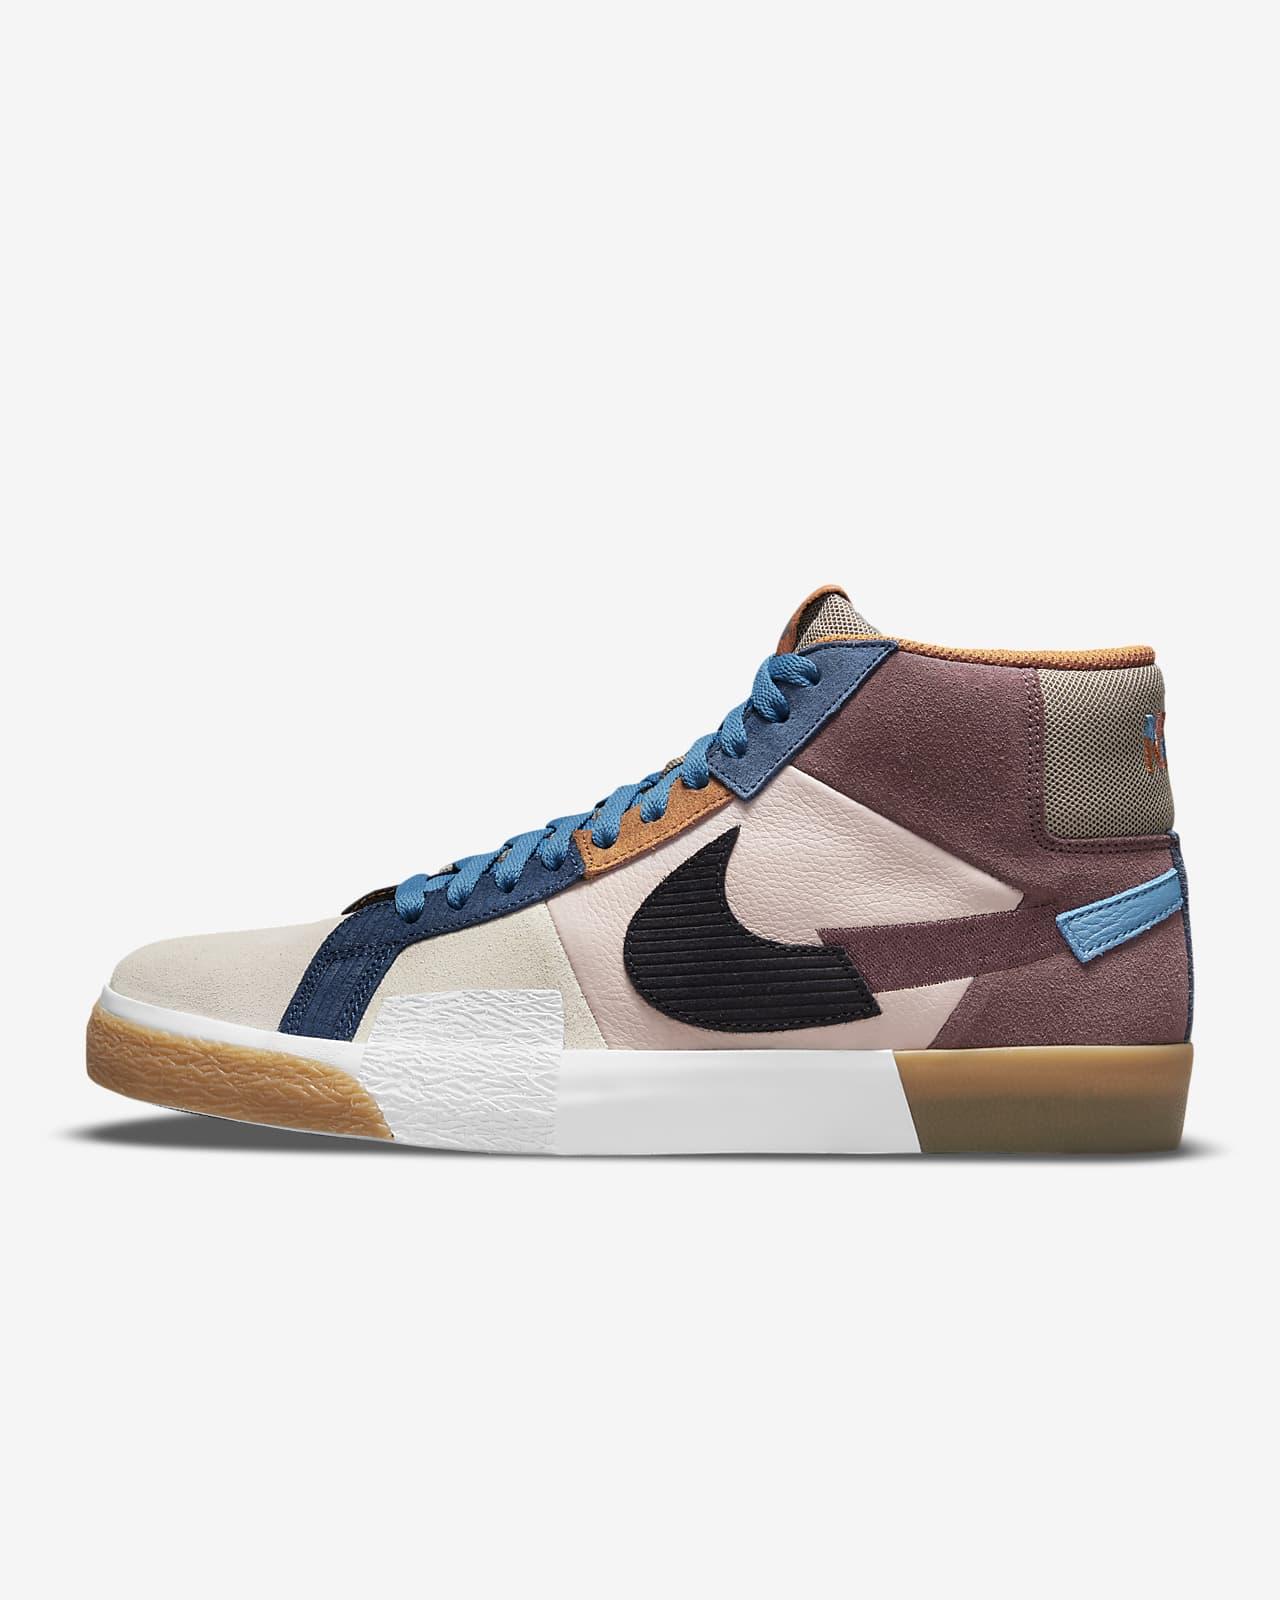 รองเท้าสเก็ตบอร์ด Nike SB Zoom Blazer Mid Premium